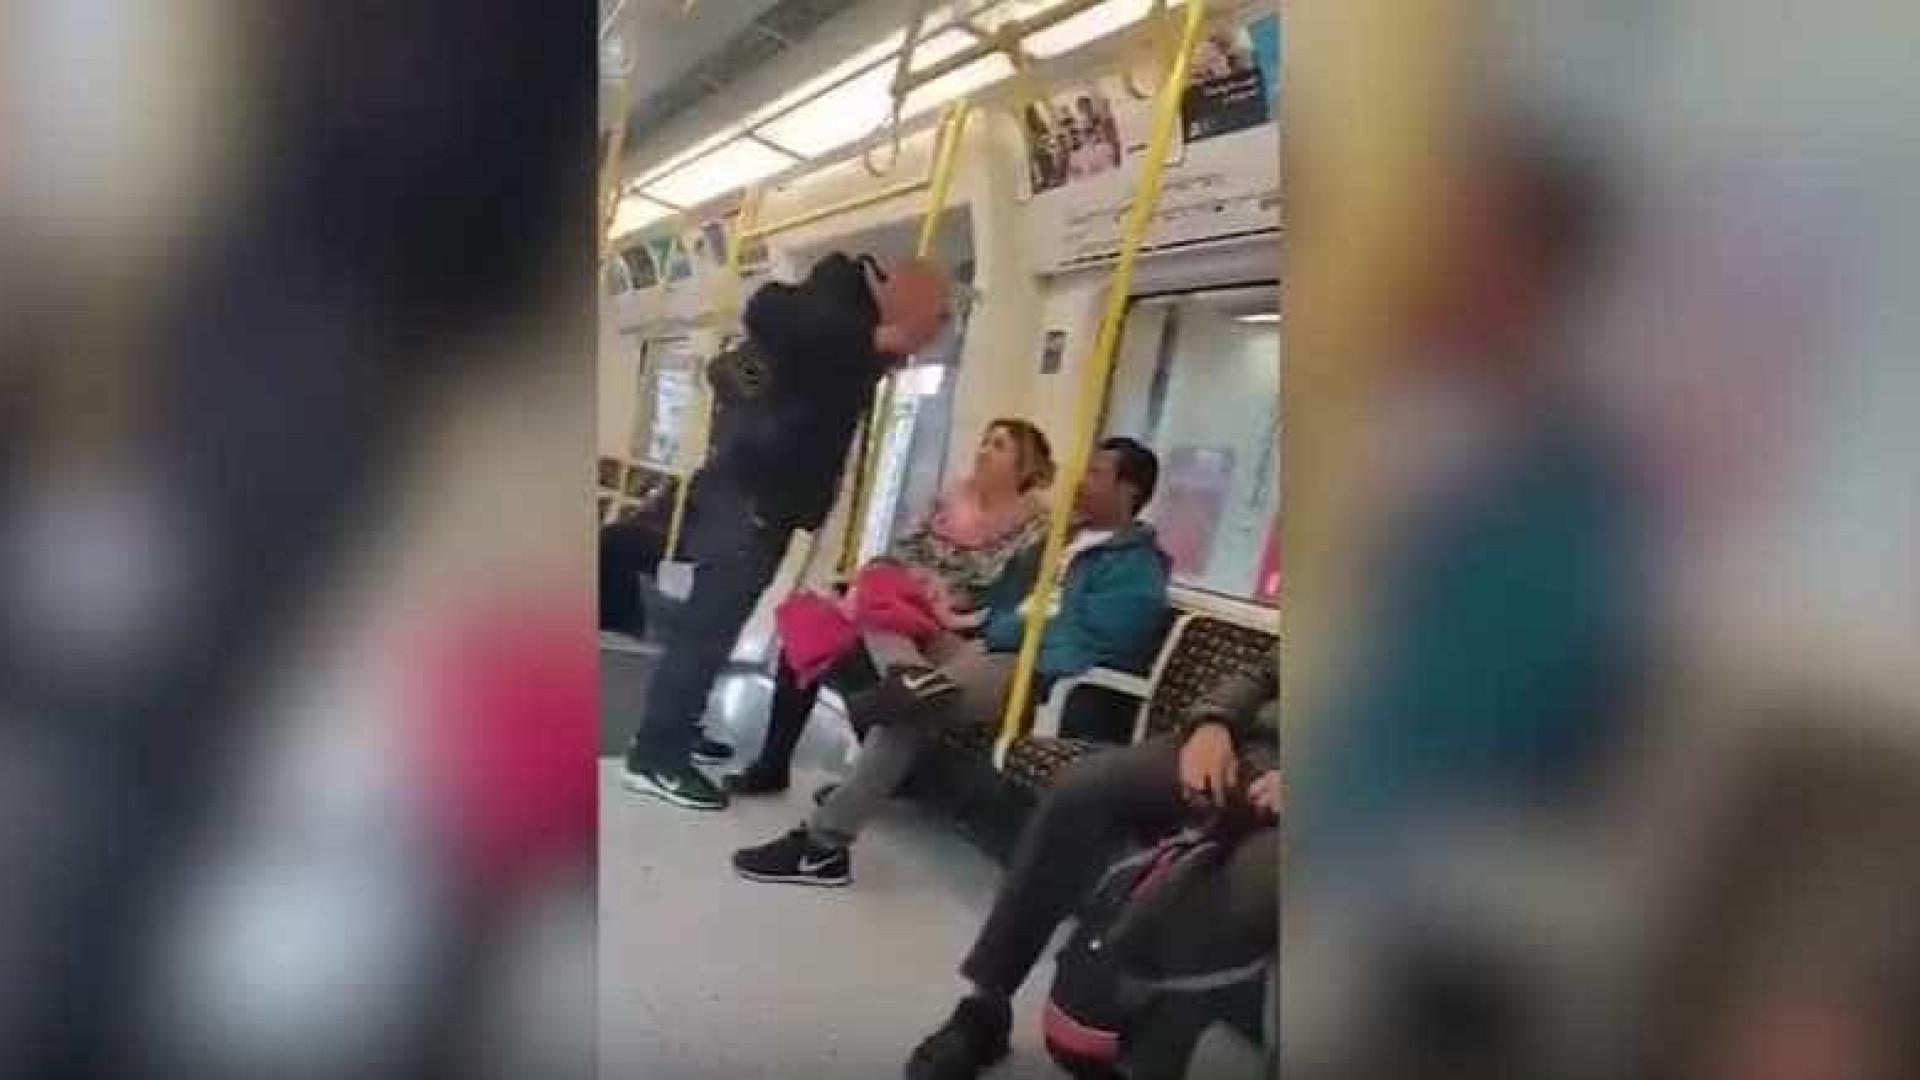 Após ataque racista, mulher persegue agressor no metro